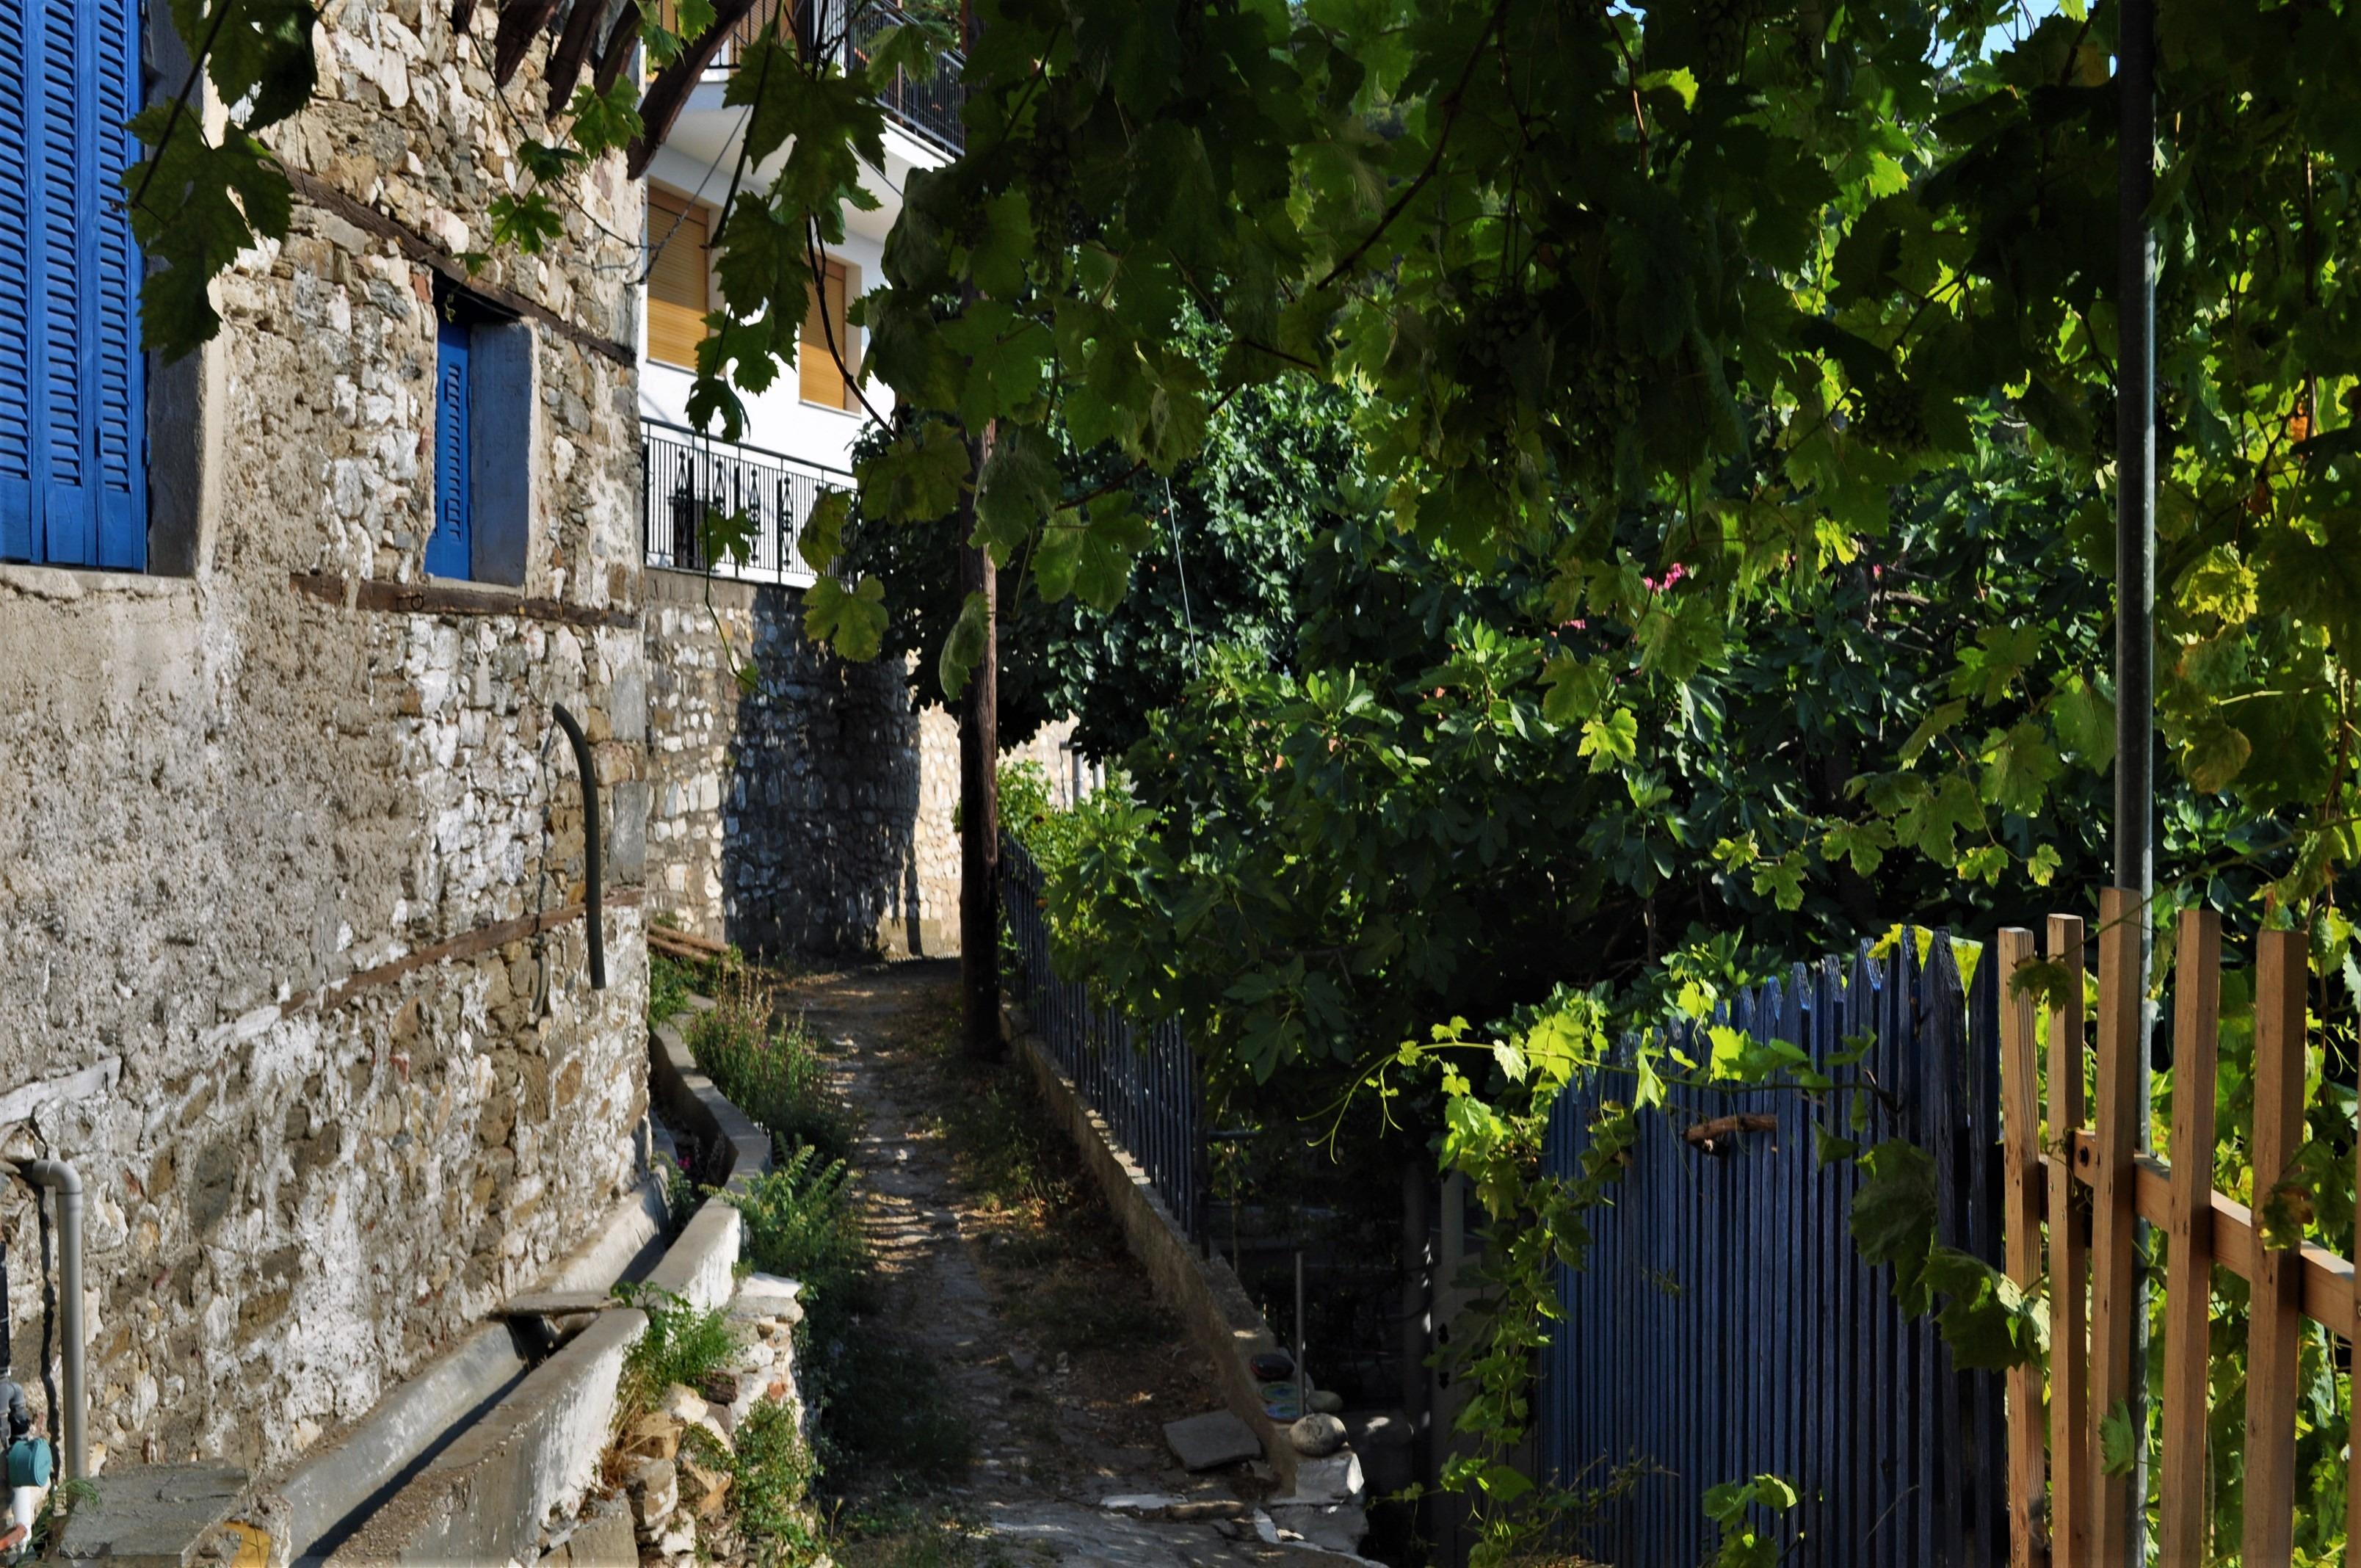 Лете тасовци слизат долу на брега, за да посрещат туристи в своите студиа и малки едноетажни хотелчета, пък и за да наглеждат маслинените си плантации.